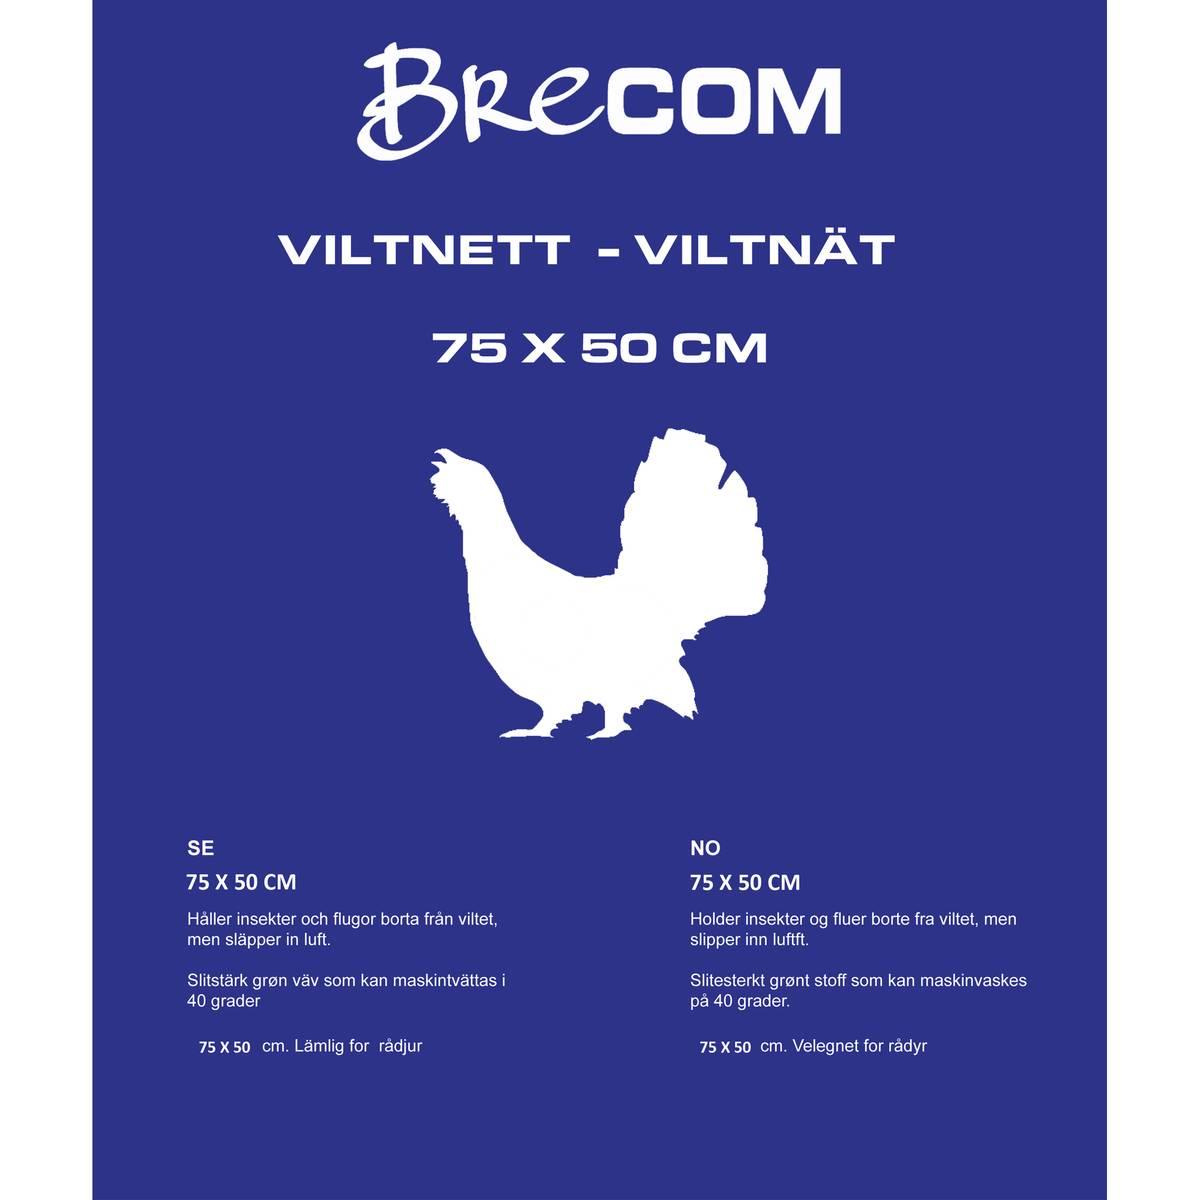 Brecom viltnett. Fugl/hare. 75x50 cm